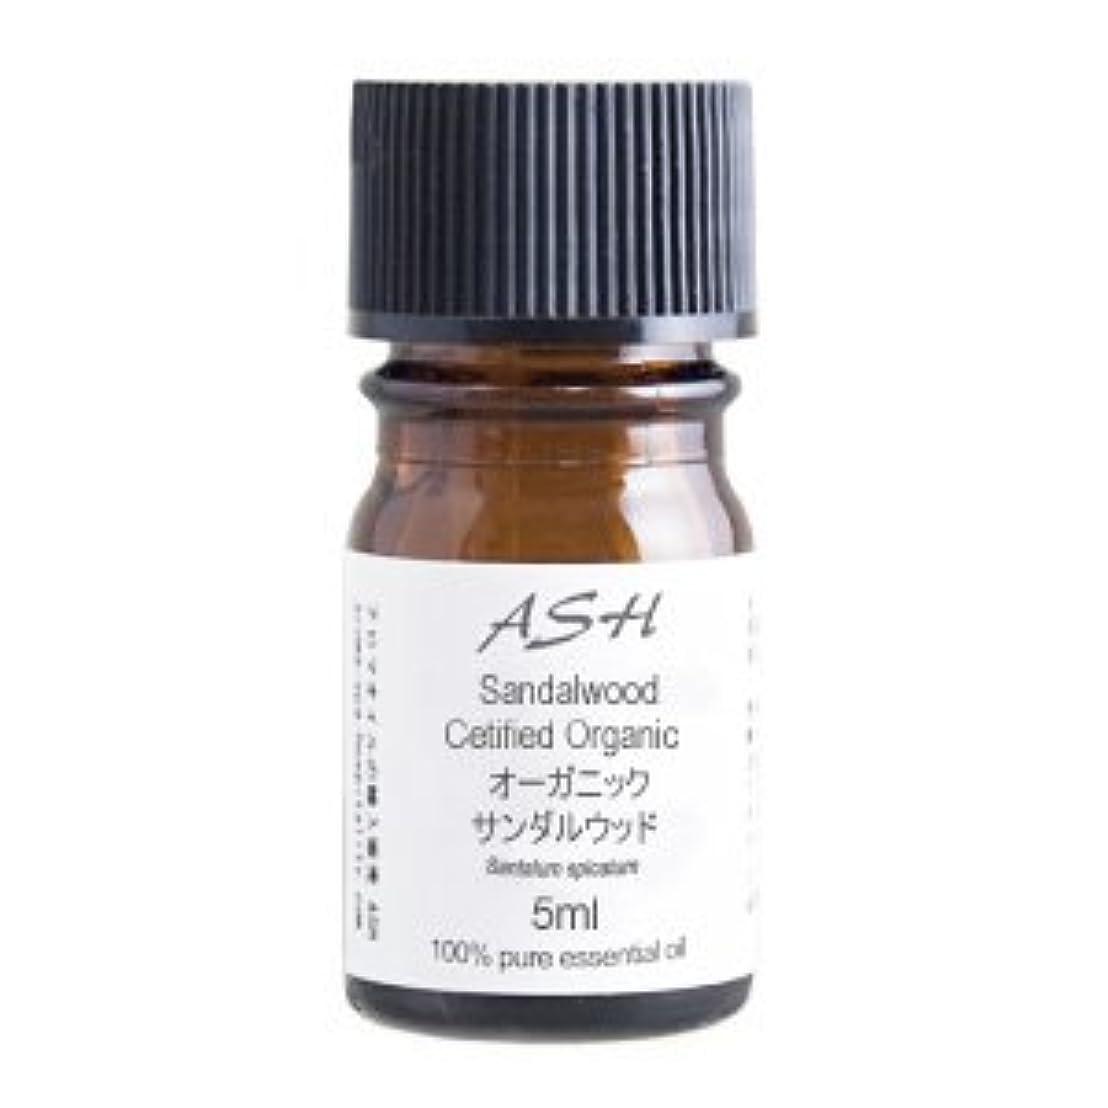 サイドボードブレイズ容器ASH オーガニック サンダルウッド エッセンシャルオイル 5ml AEAJ表示基準適合認定精油